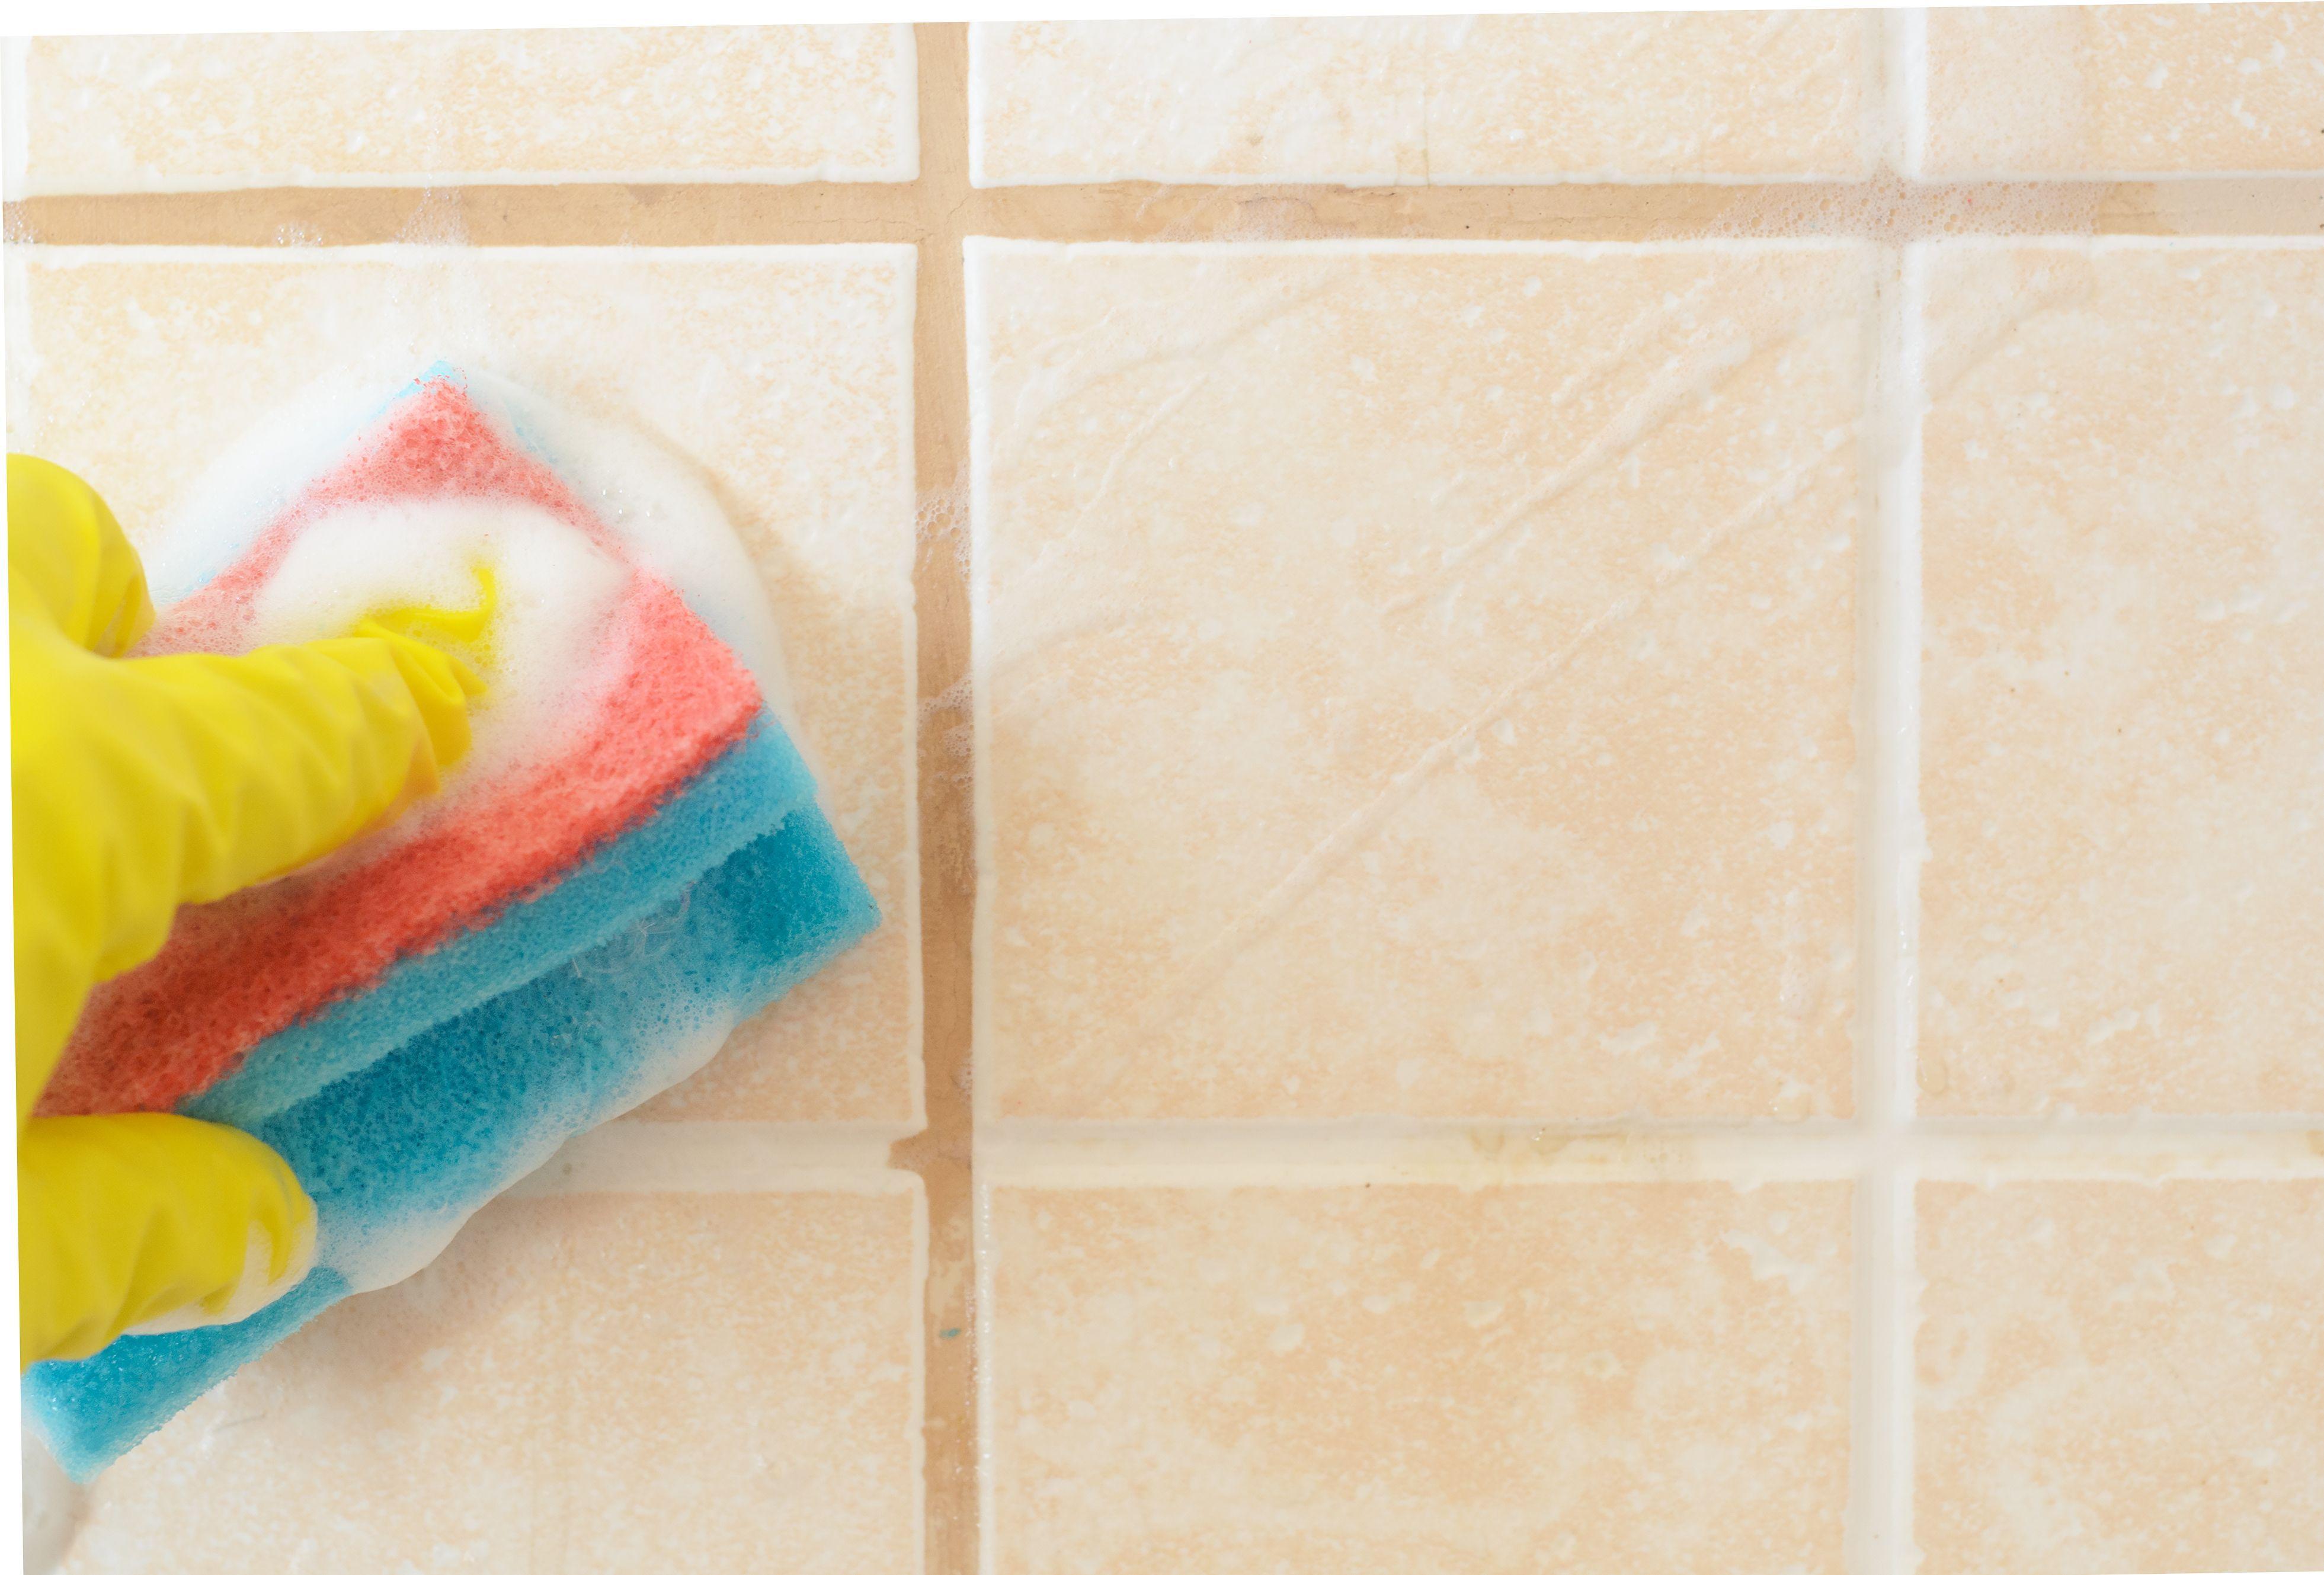 Comment détartrer du carrelage de salle de bains